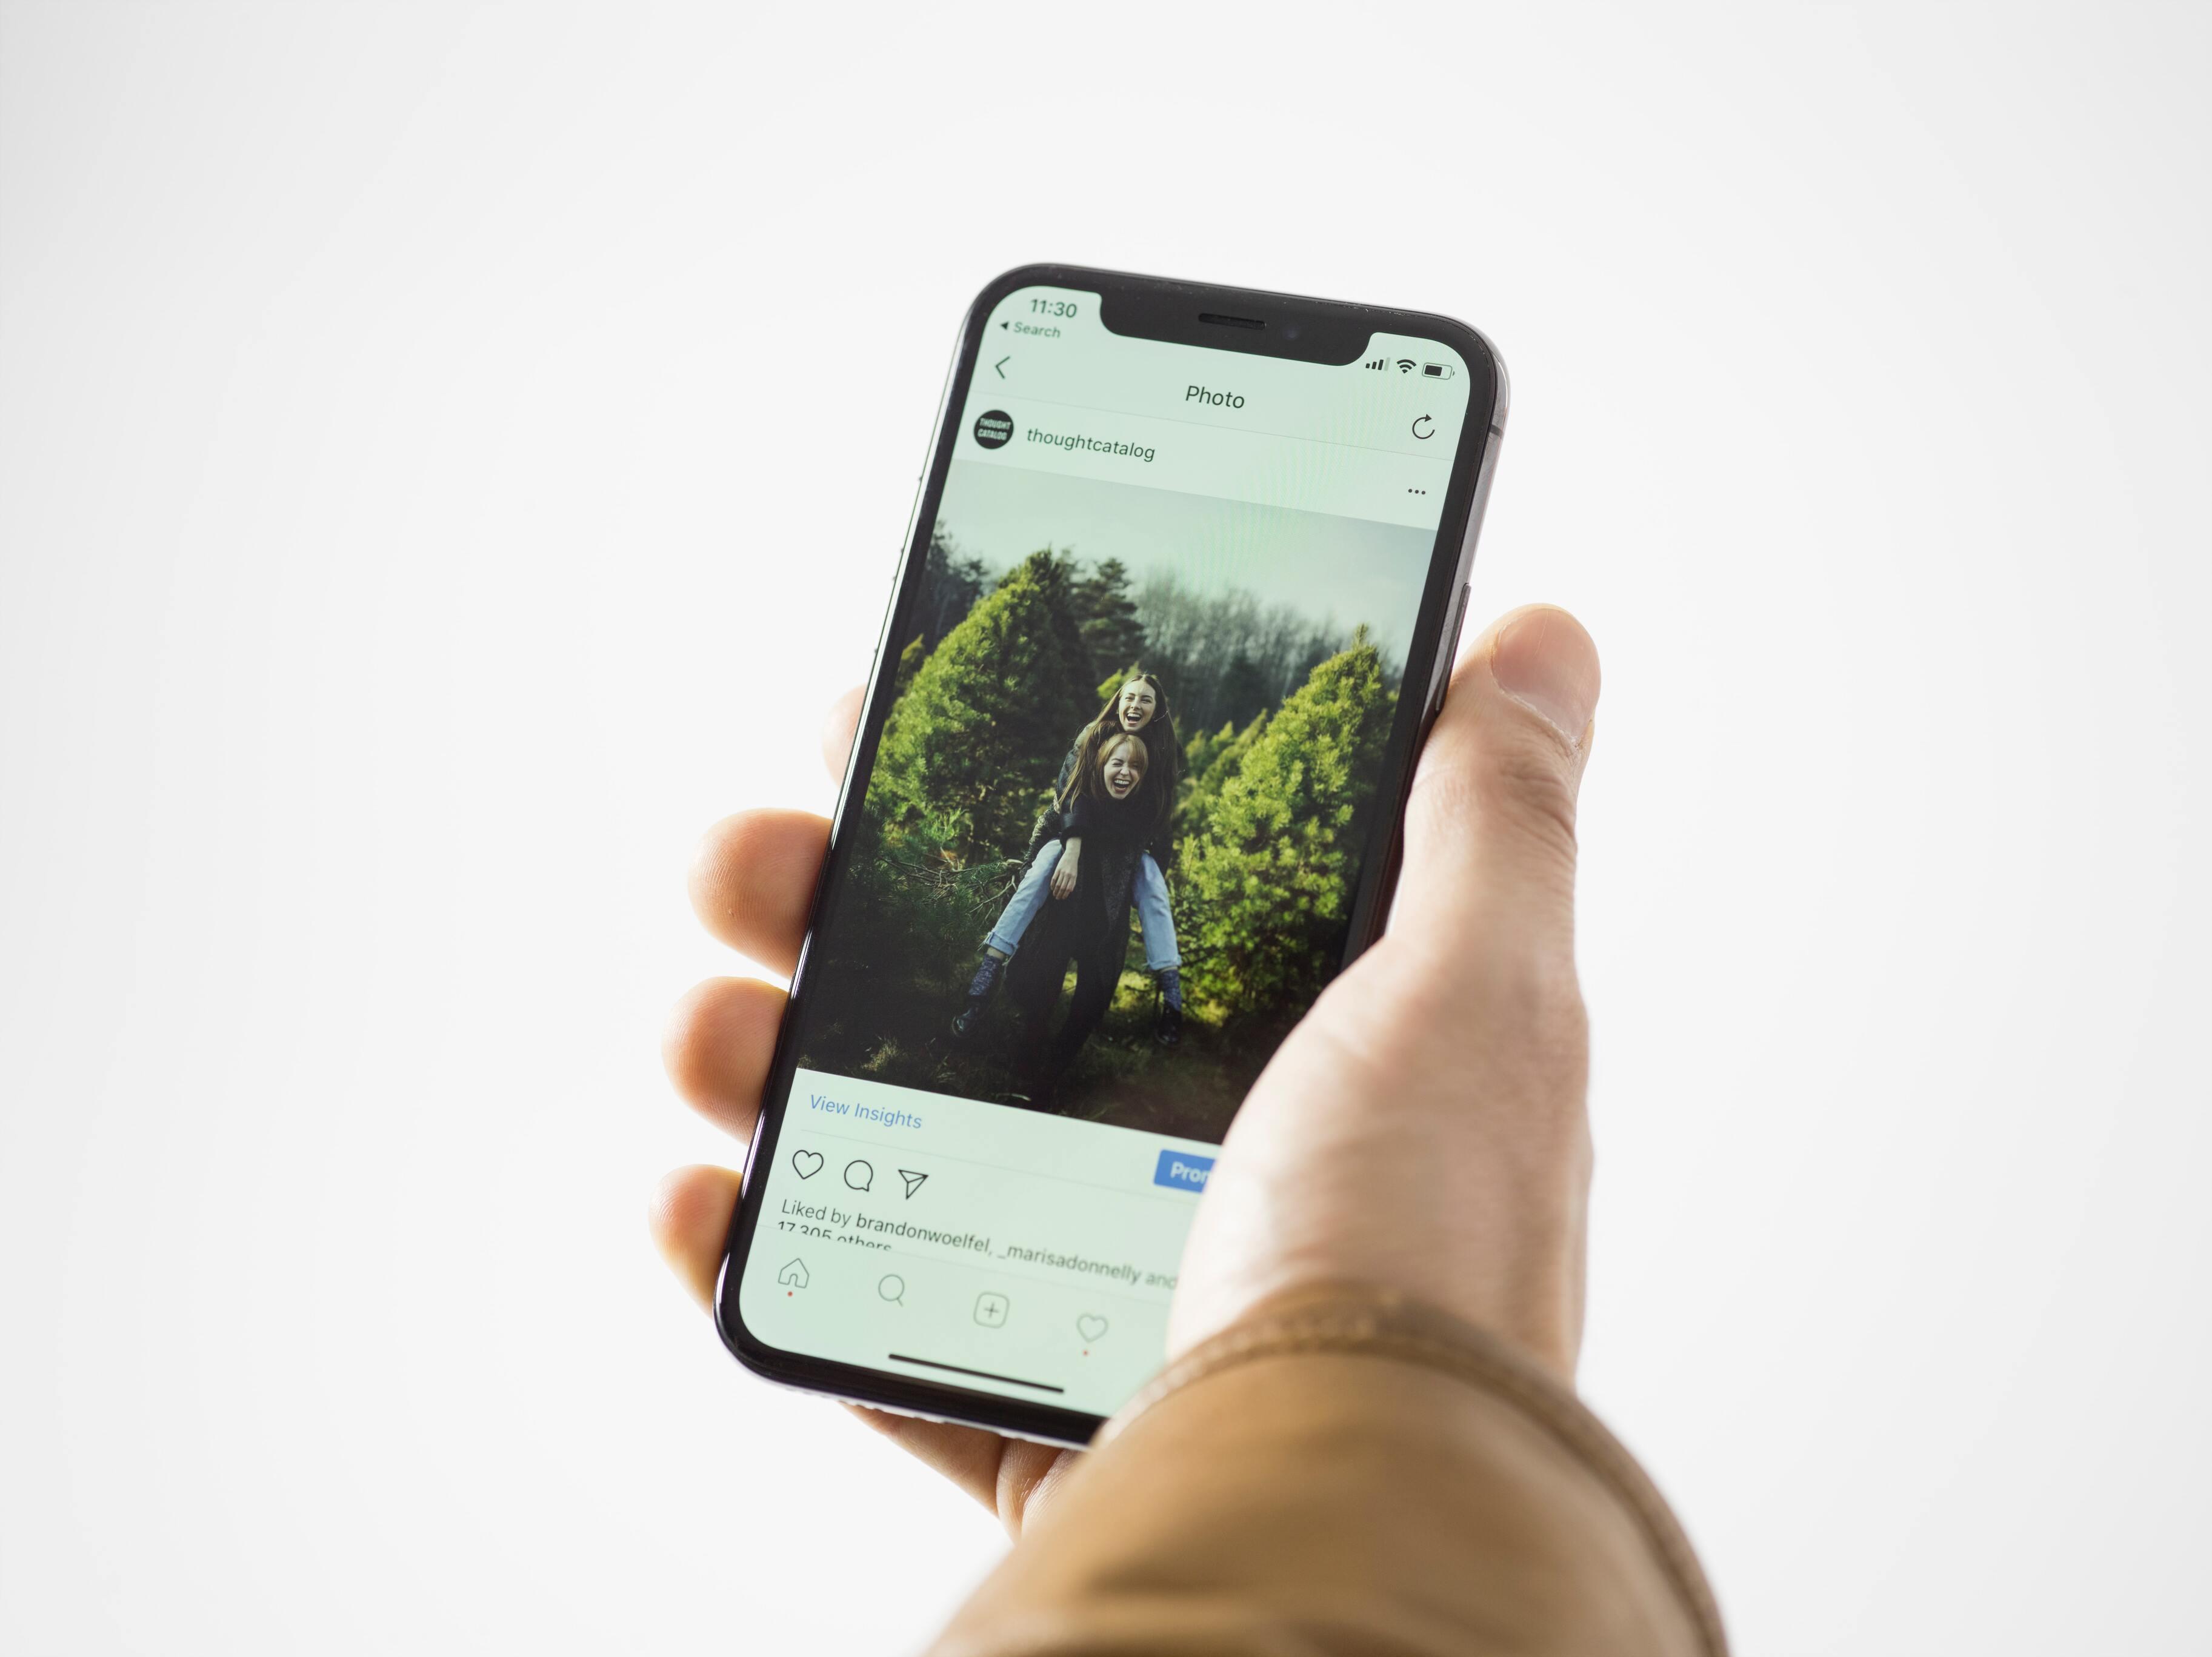 Китайцы начали тестировать программу для обхода правил конфиденциальности Apple